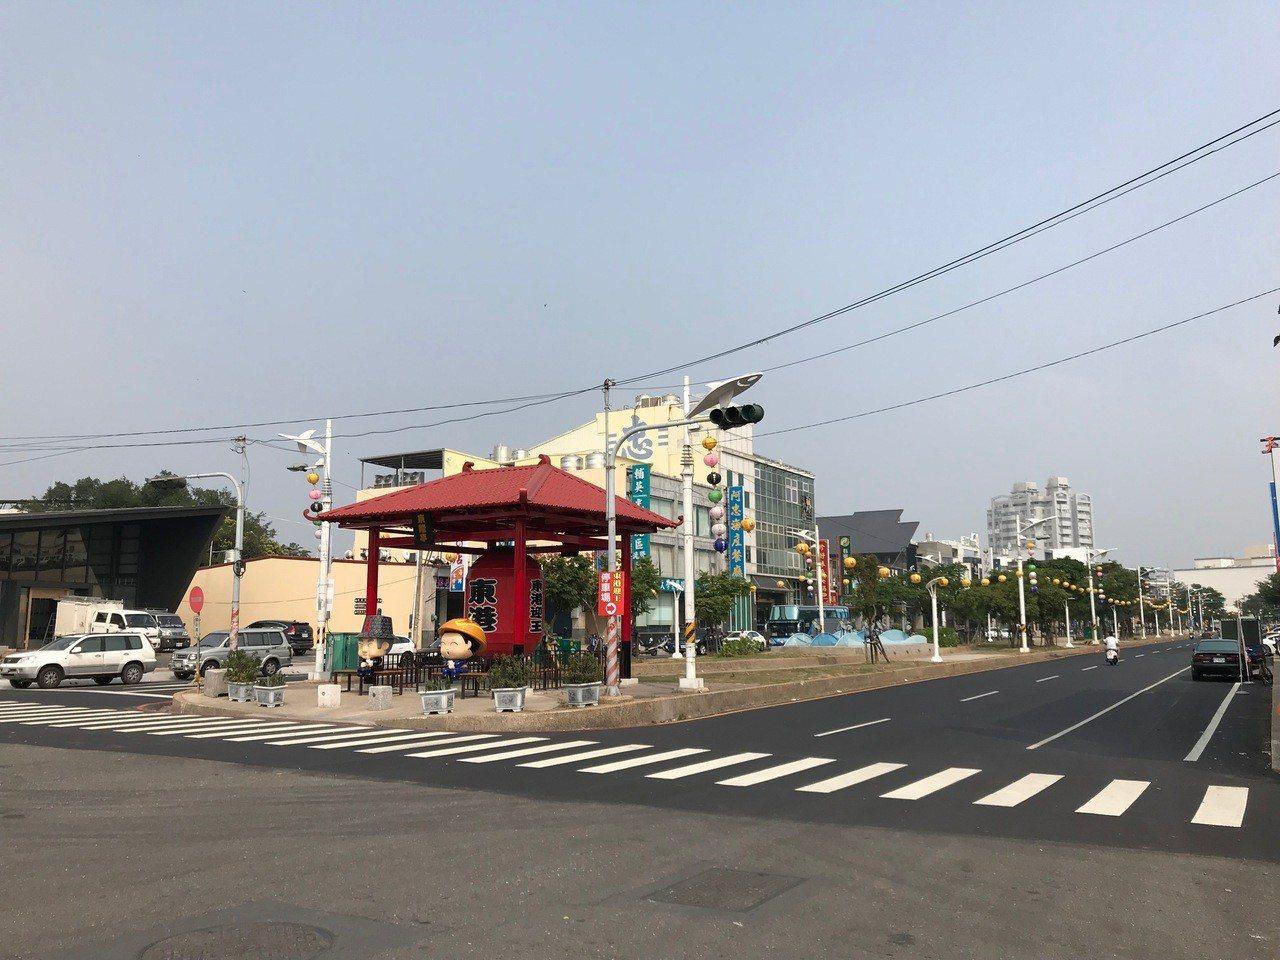 東港鎮光復路沿途景觀綠帶都不准懸掛廣告物,也因此沒有看到競選相關旗幟或布條。記者...